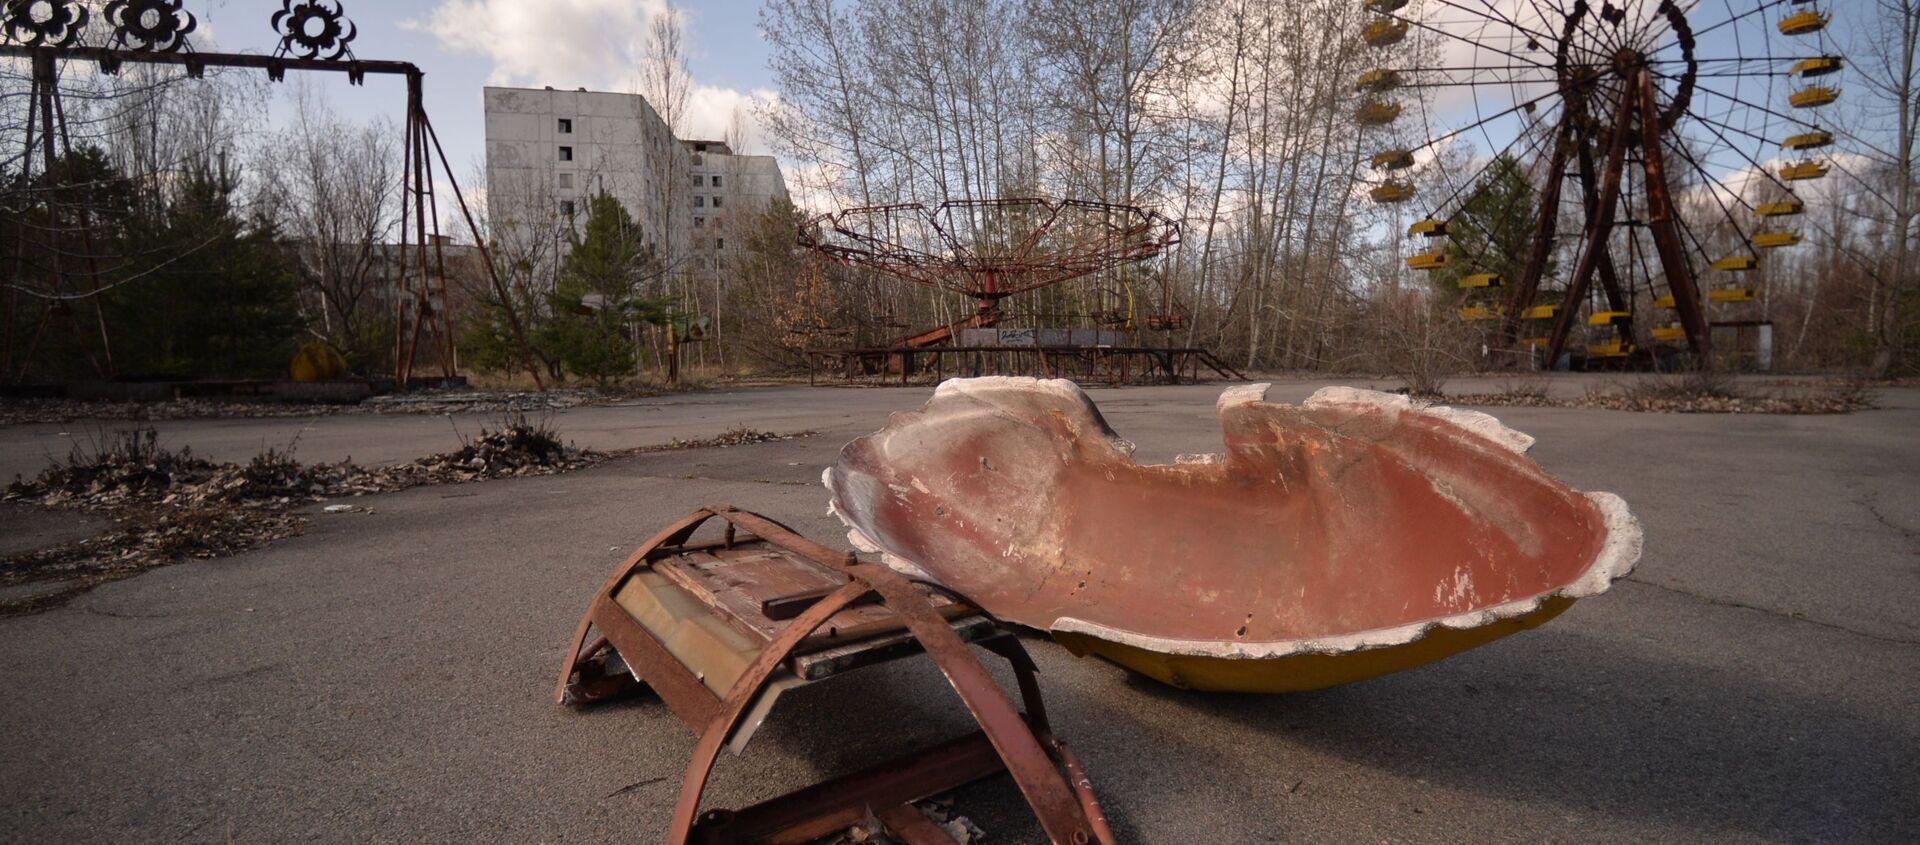 Strefa Wykluczenia wokół Czarnobylskiej Elektrowni Jądrowej - Sputnik Polska, 1920, 16.04.2021